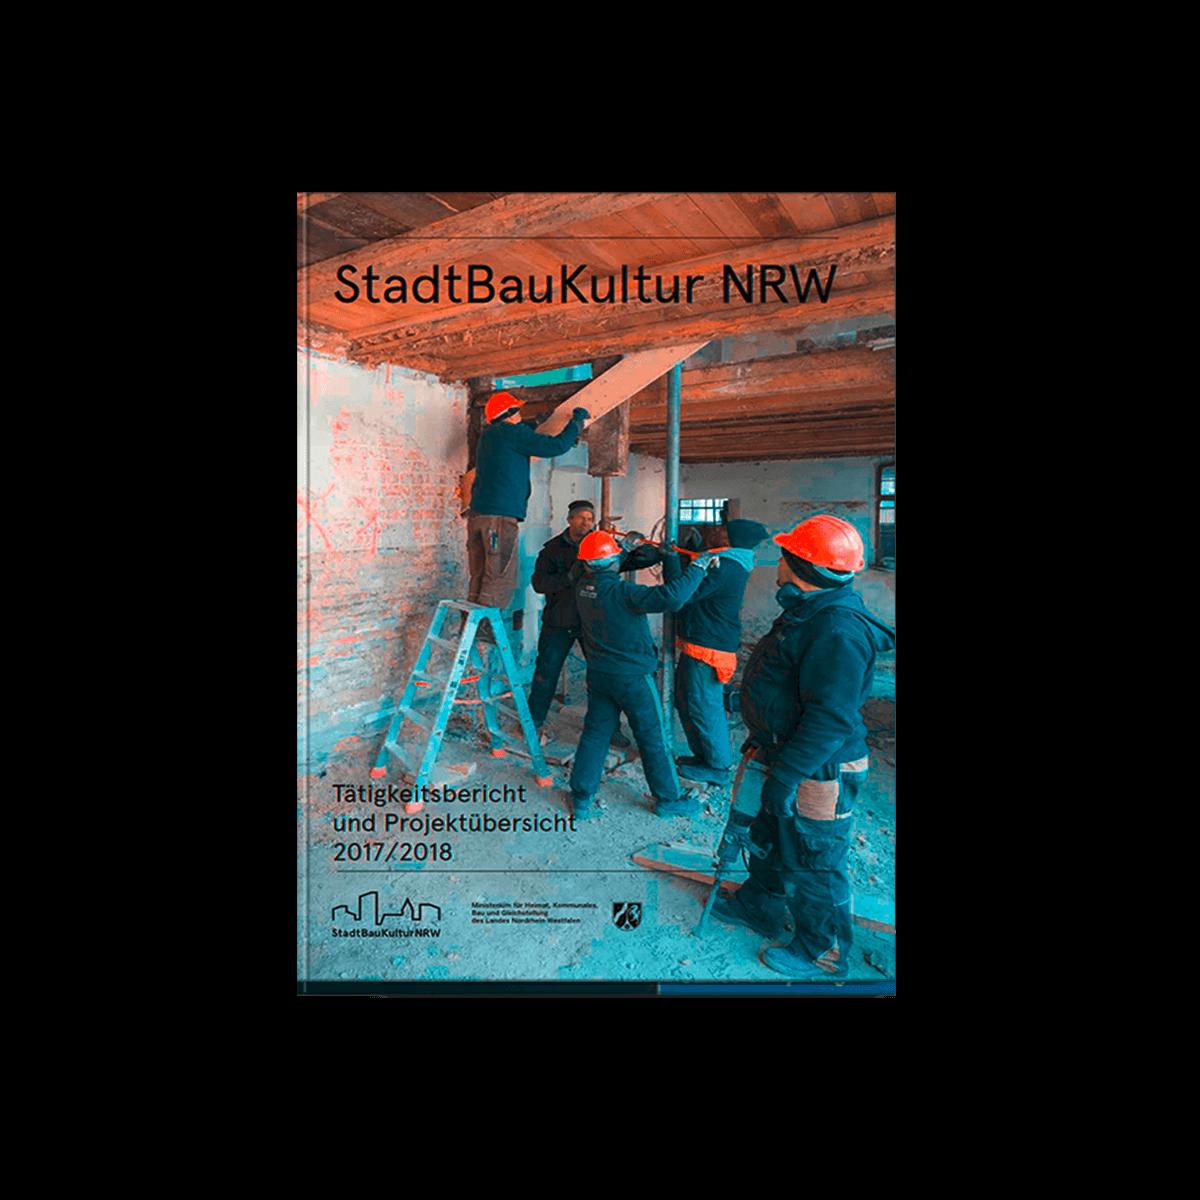 Lektorat und Umbruchkorrektur StadtBauKultur NRW - Tätigkeitsbericht und Projektübersicht